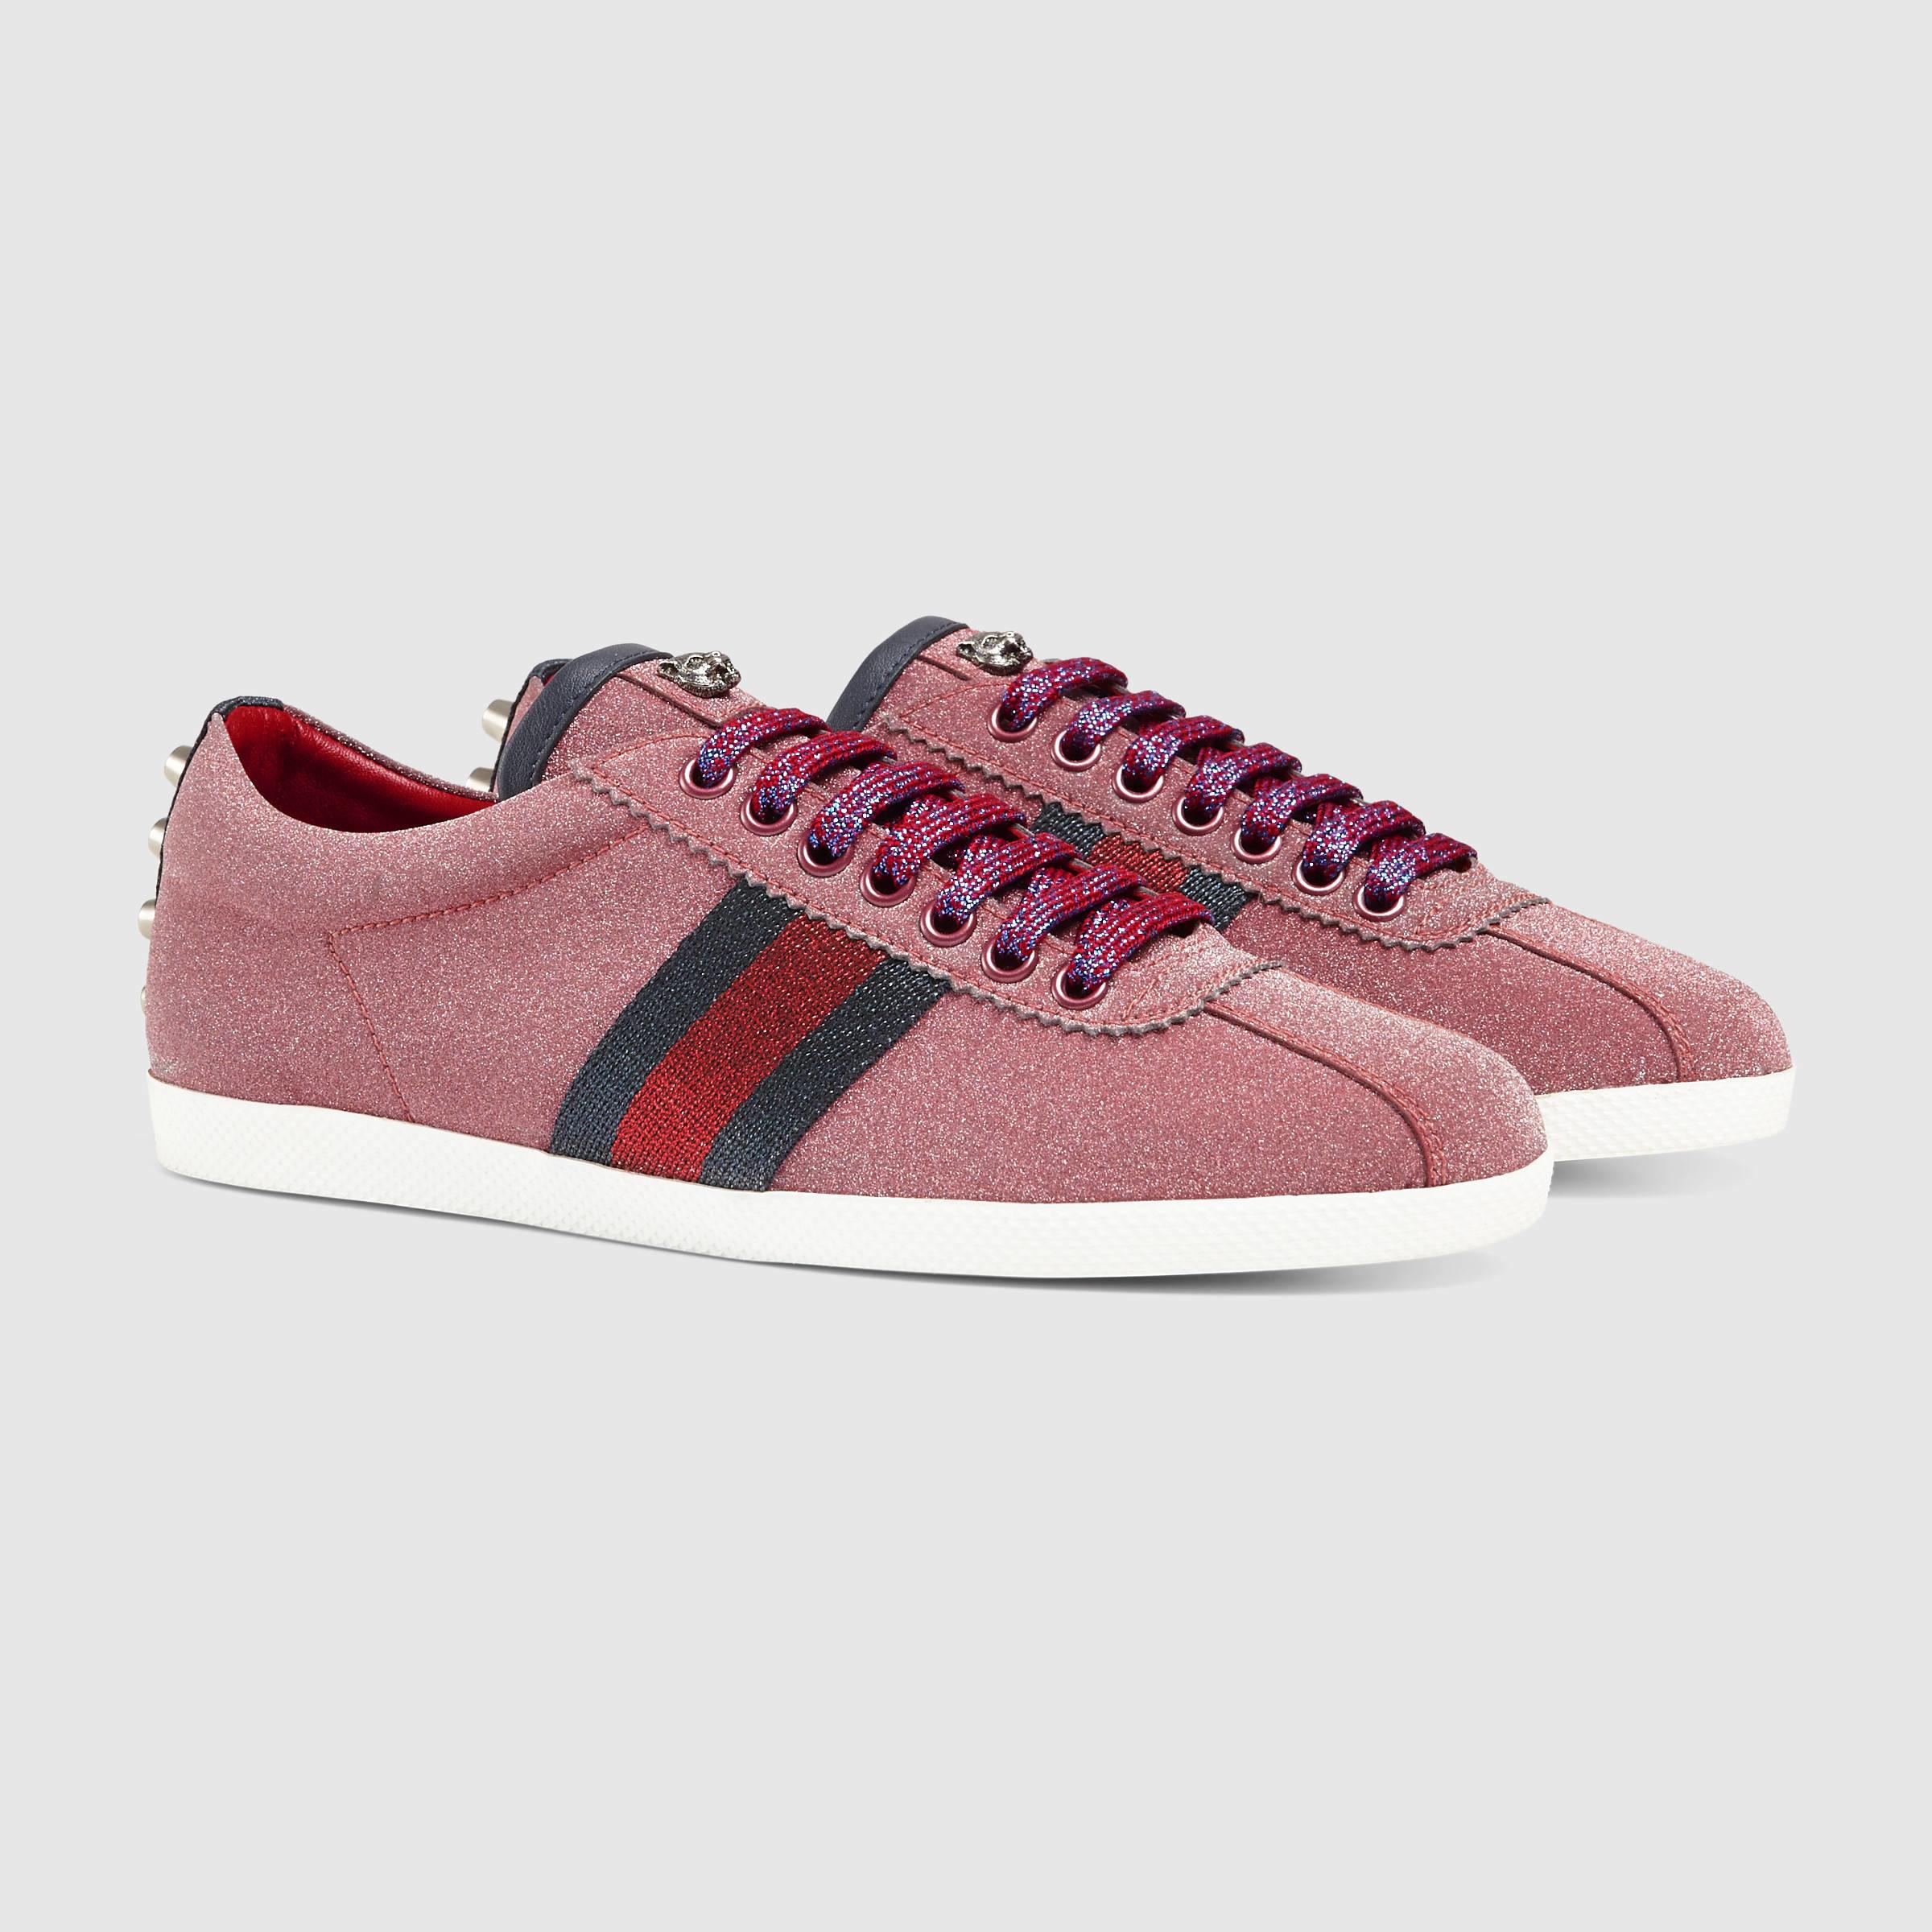 fad97d1b2f5d Gucci Glitter Web Sneaker in Red - Lyst